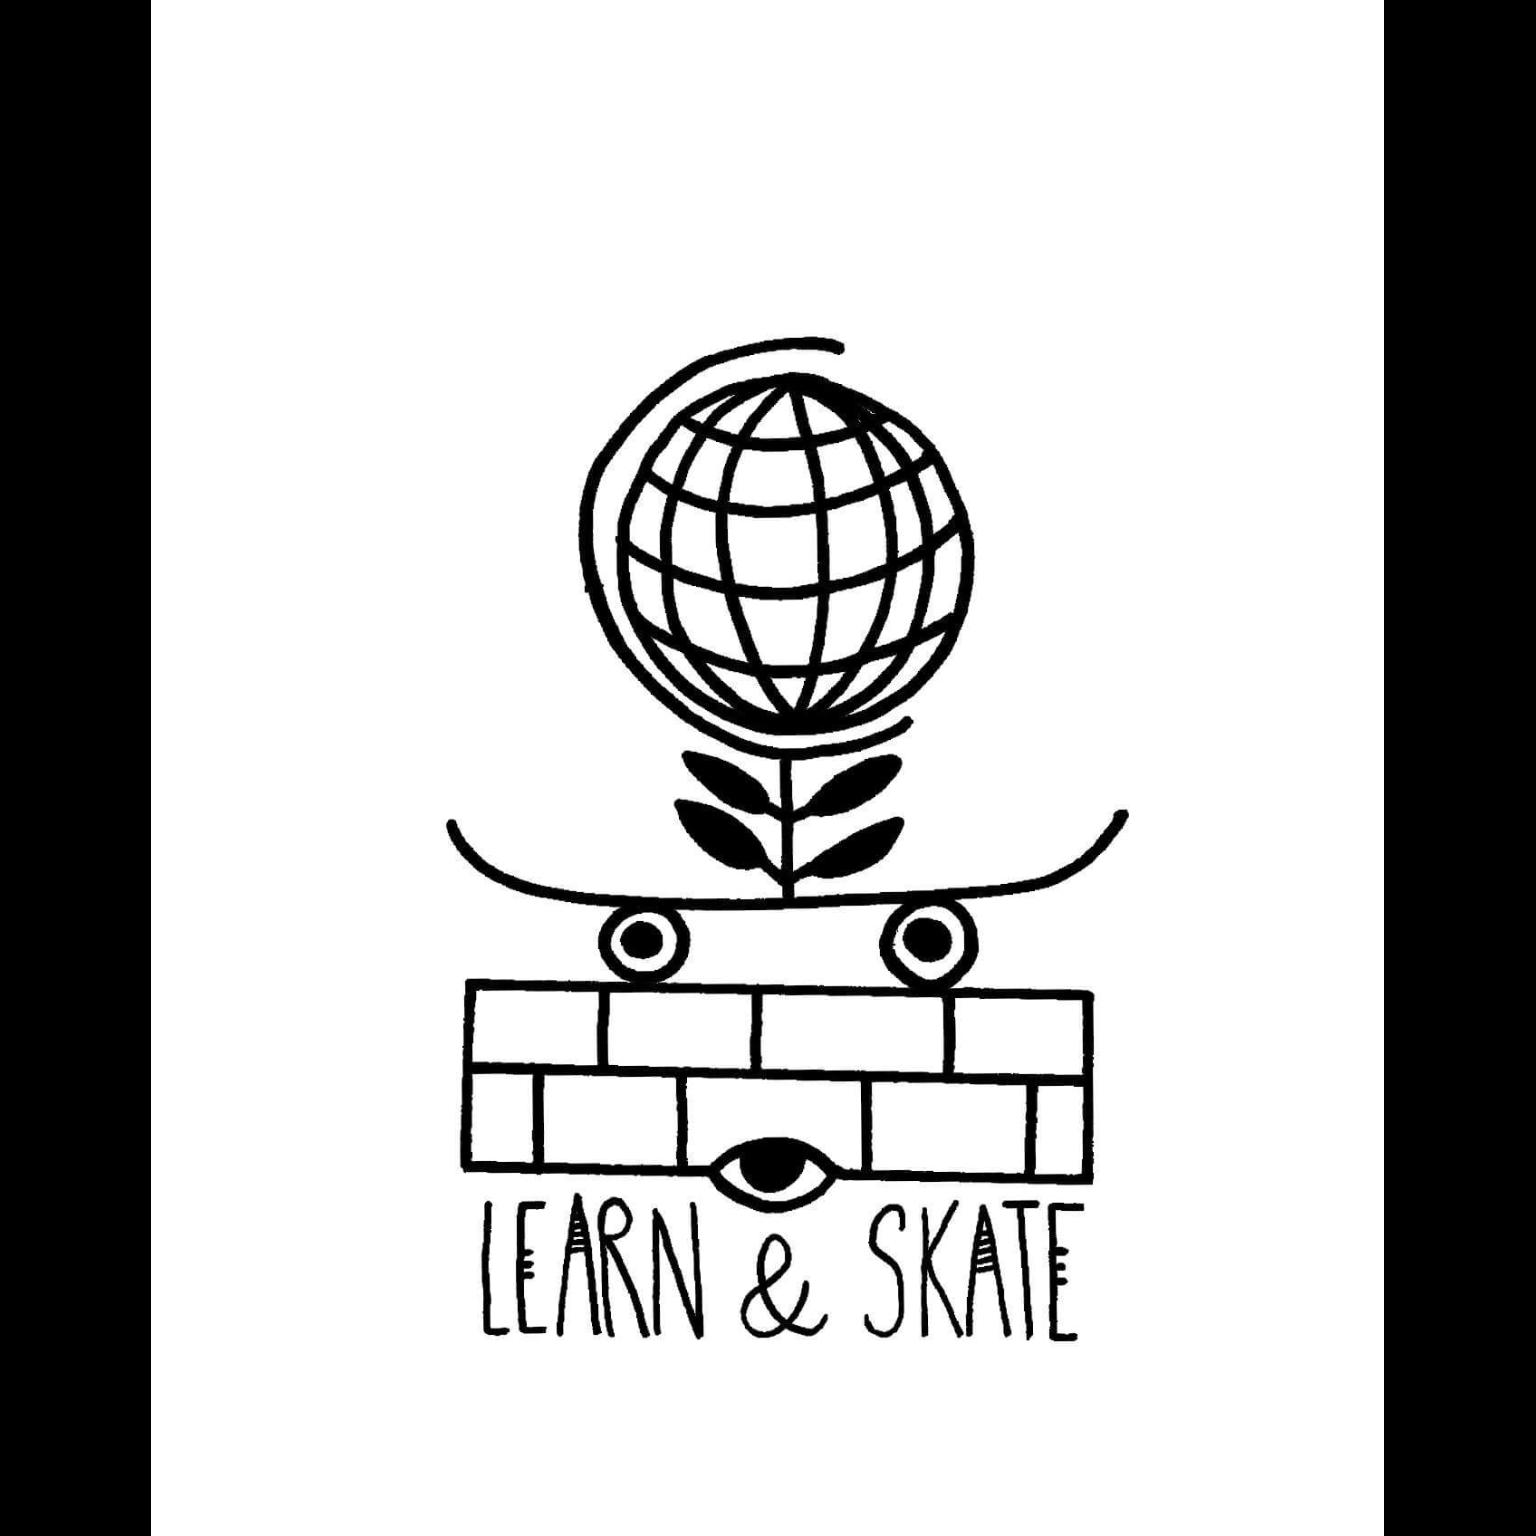 Learn+skate-logo.png